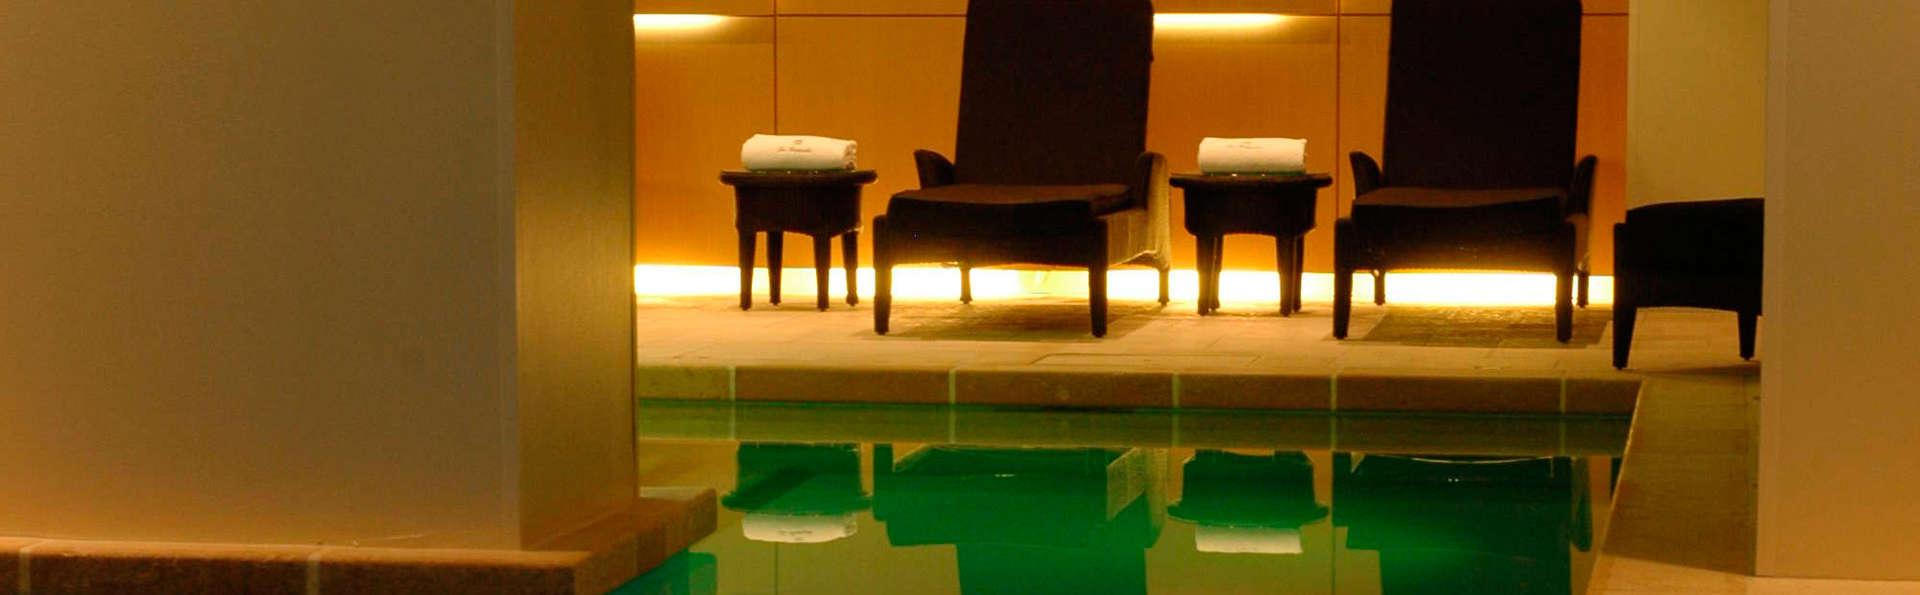 Séjour détente au Domaine de la Bretesche avec soins et accès spa